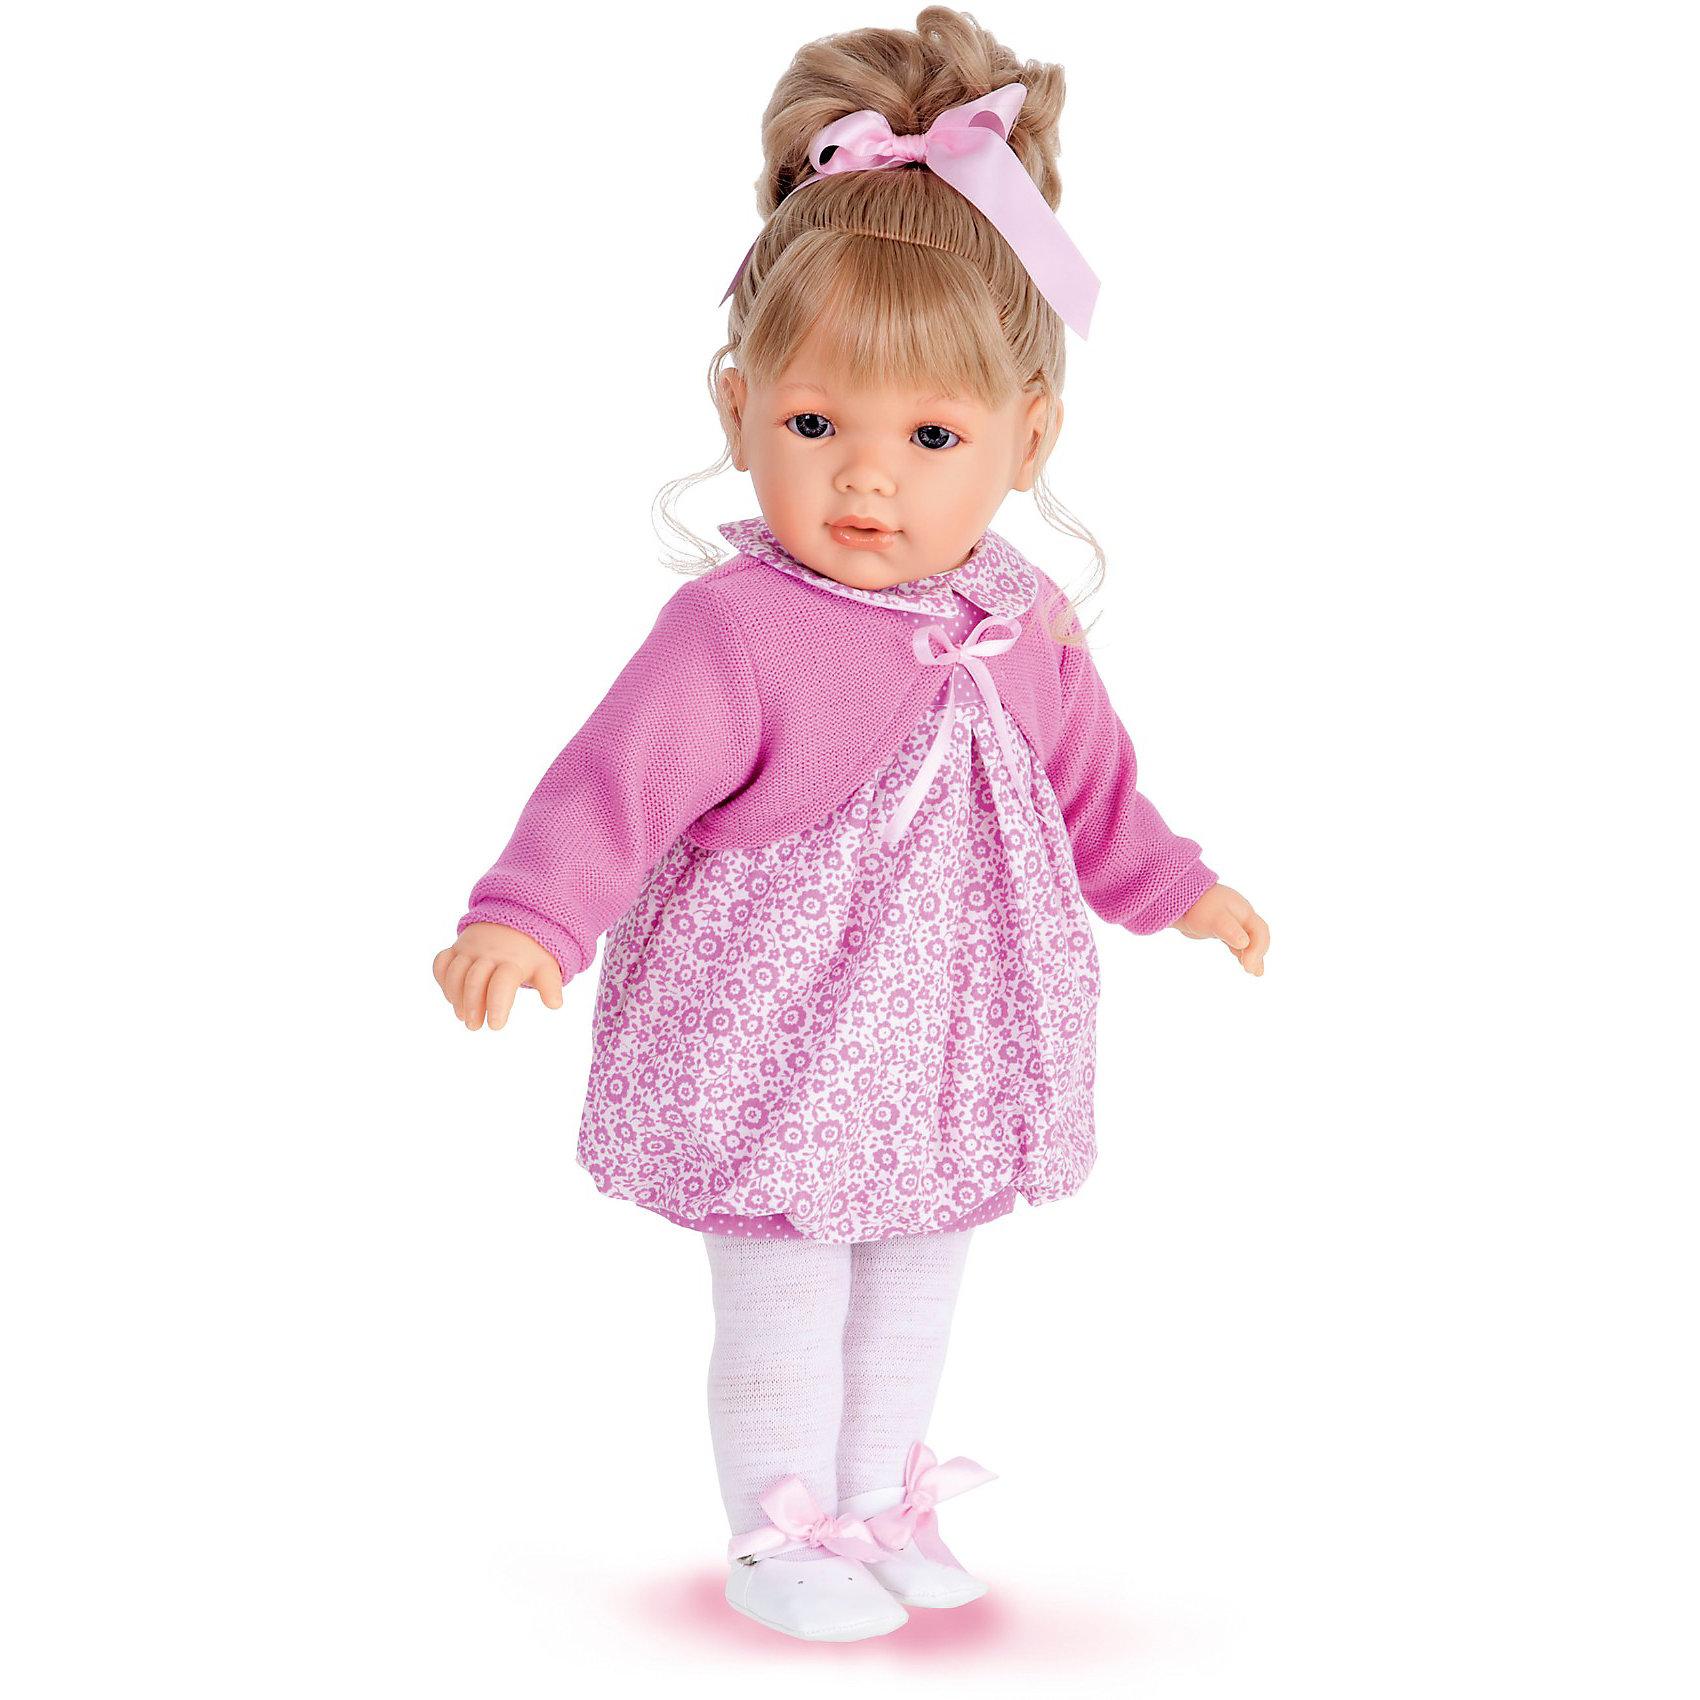 Кукла Корнелия в розовом,  55 см, Munecas Antonio Juan